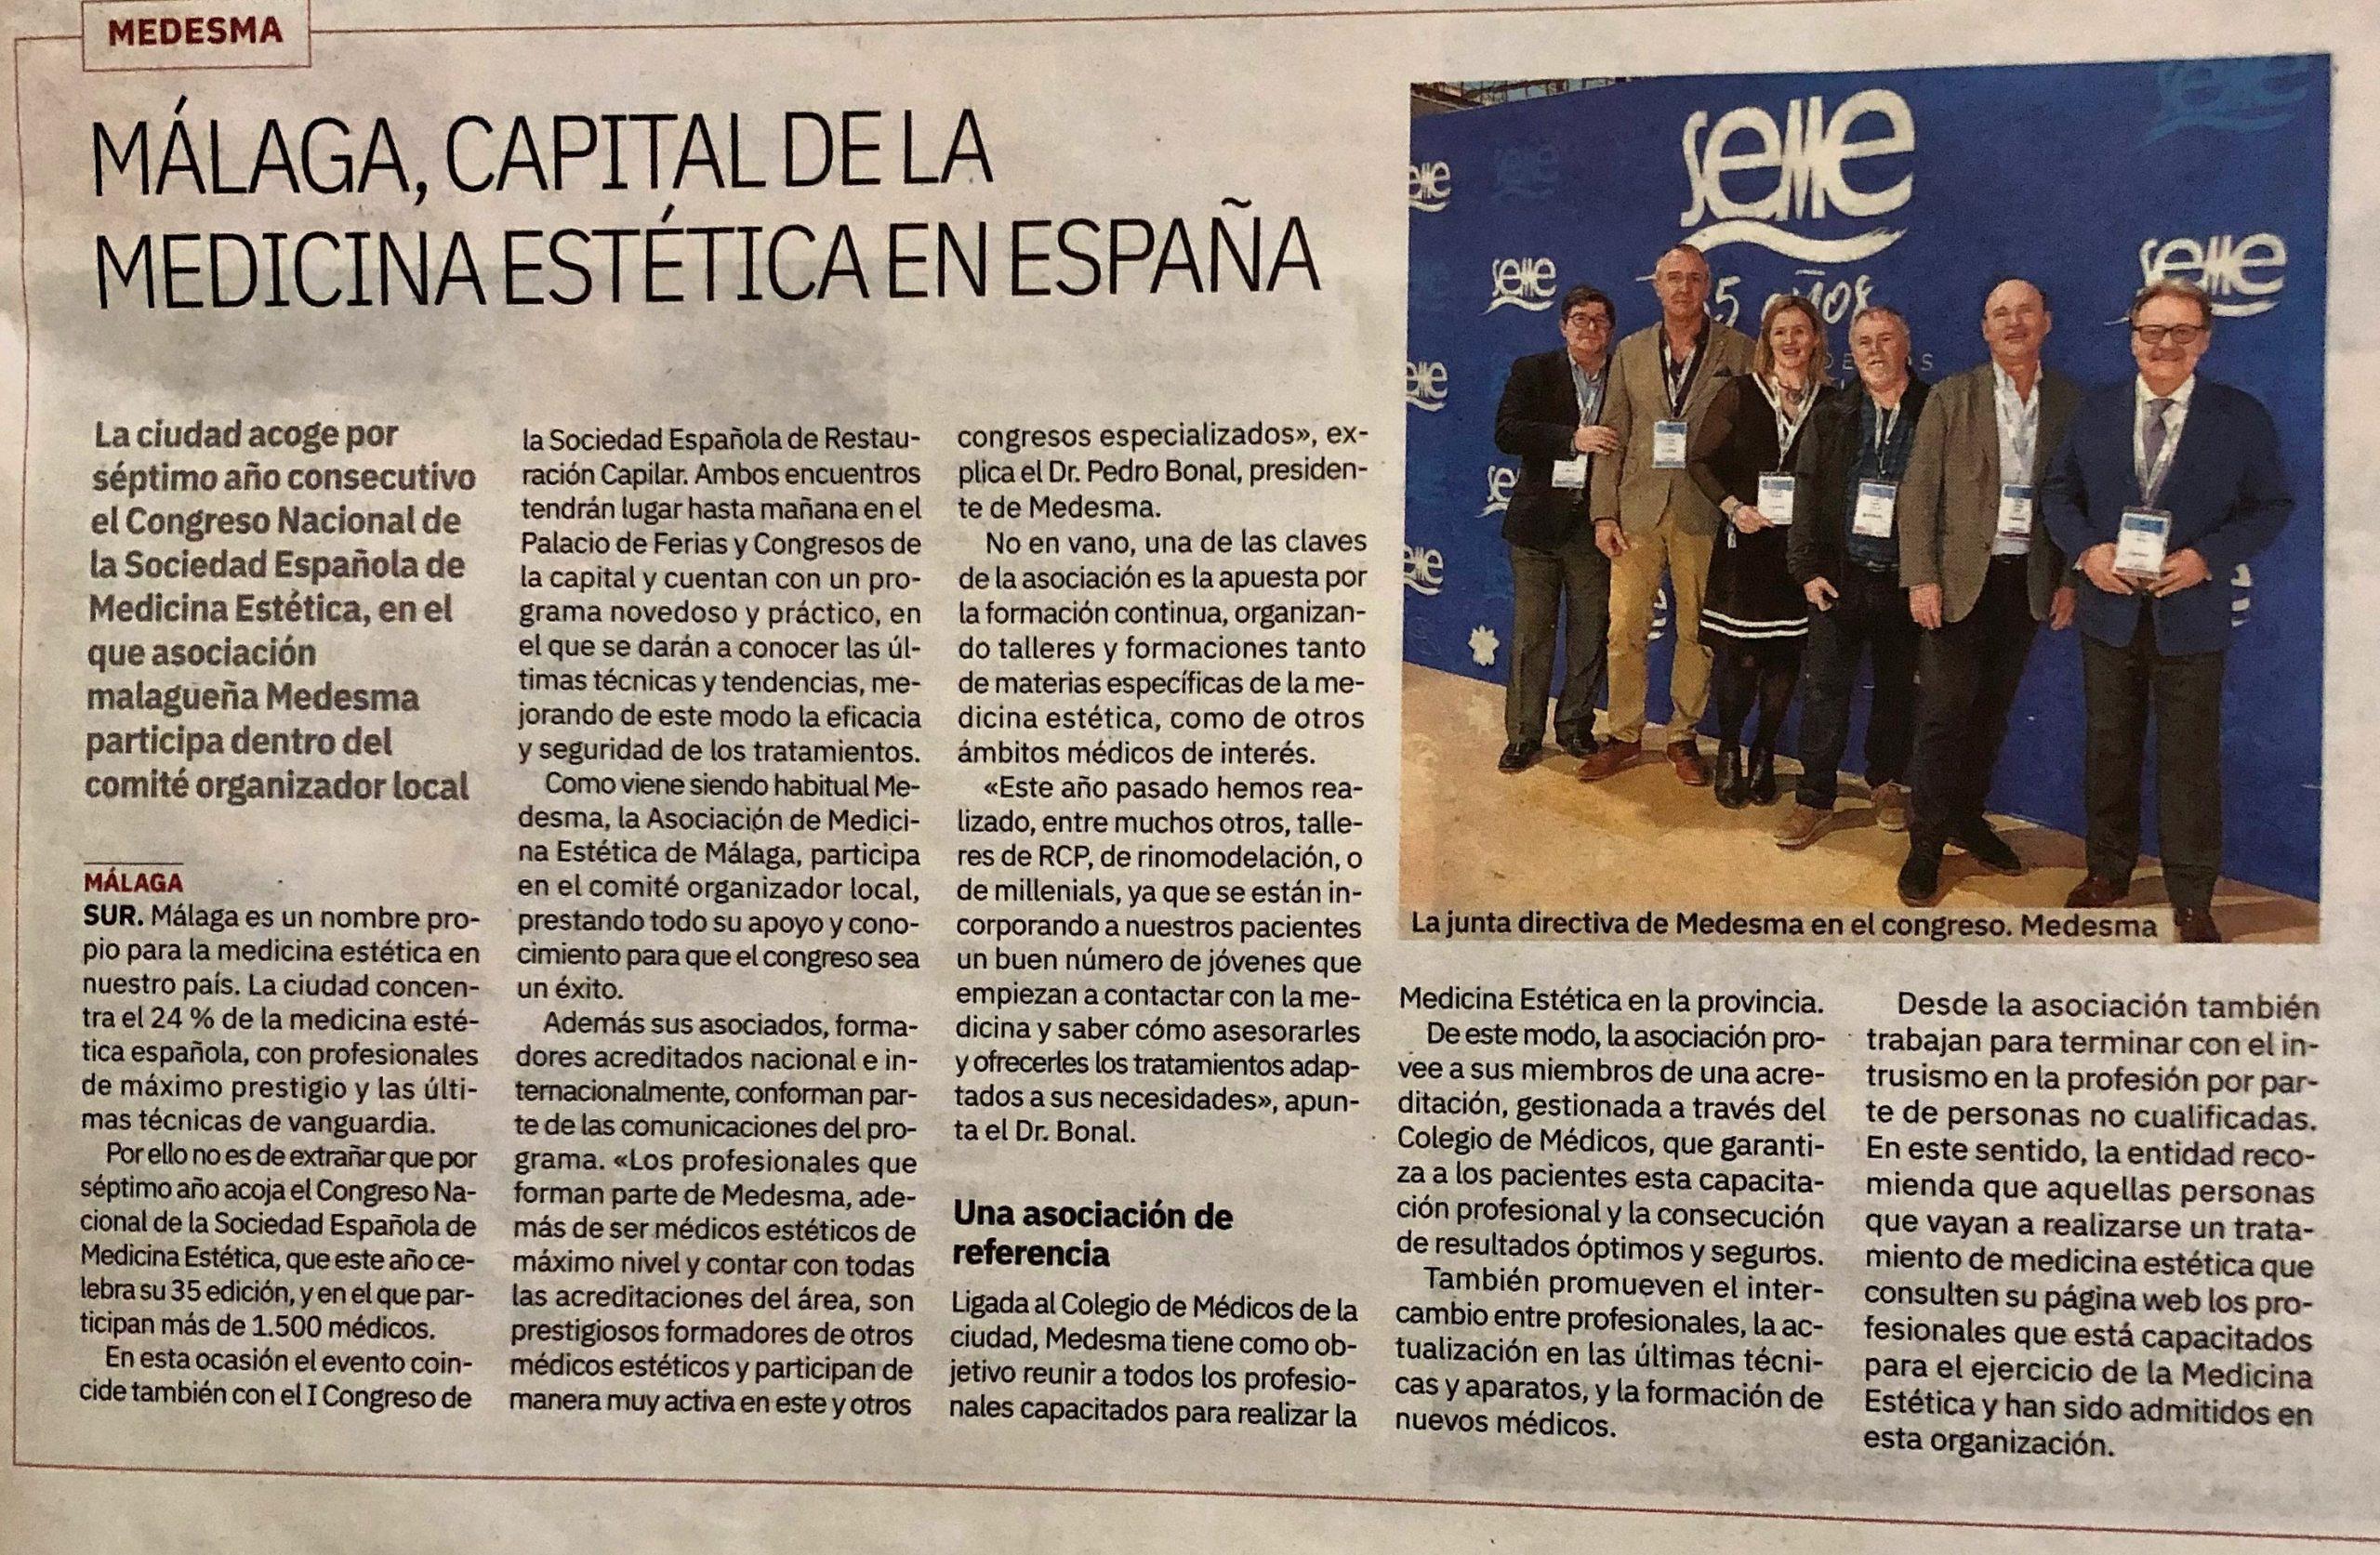 Málaga, capital de la Medicina Estética